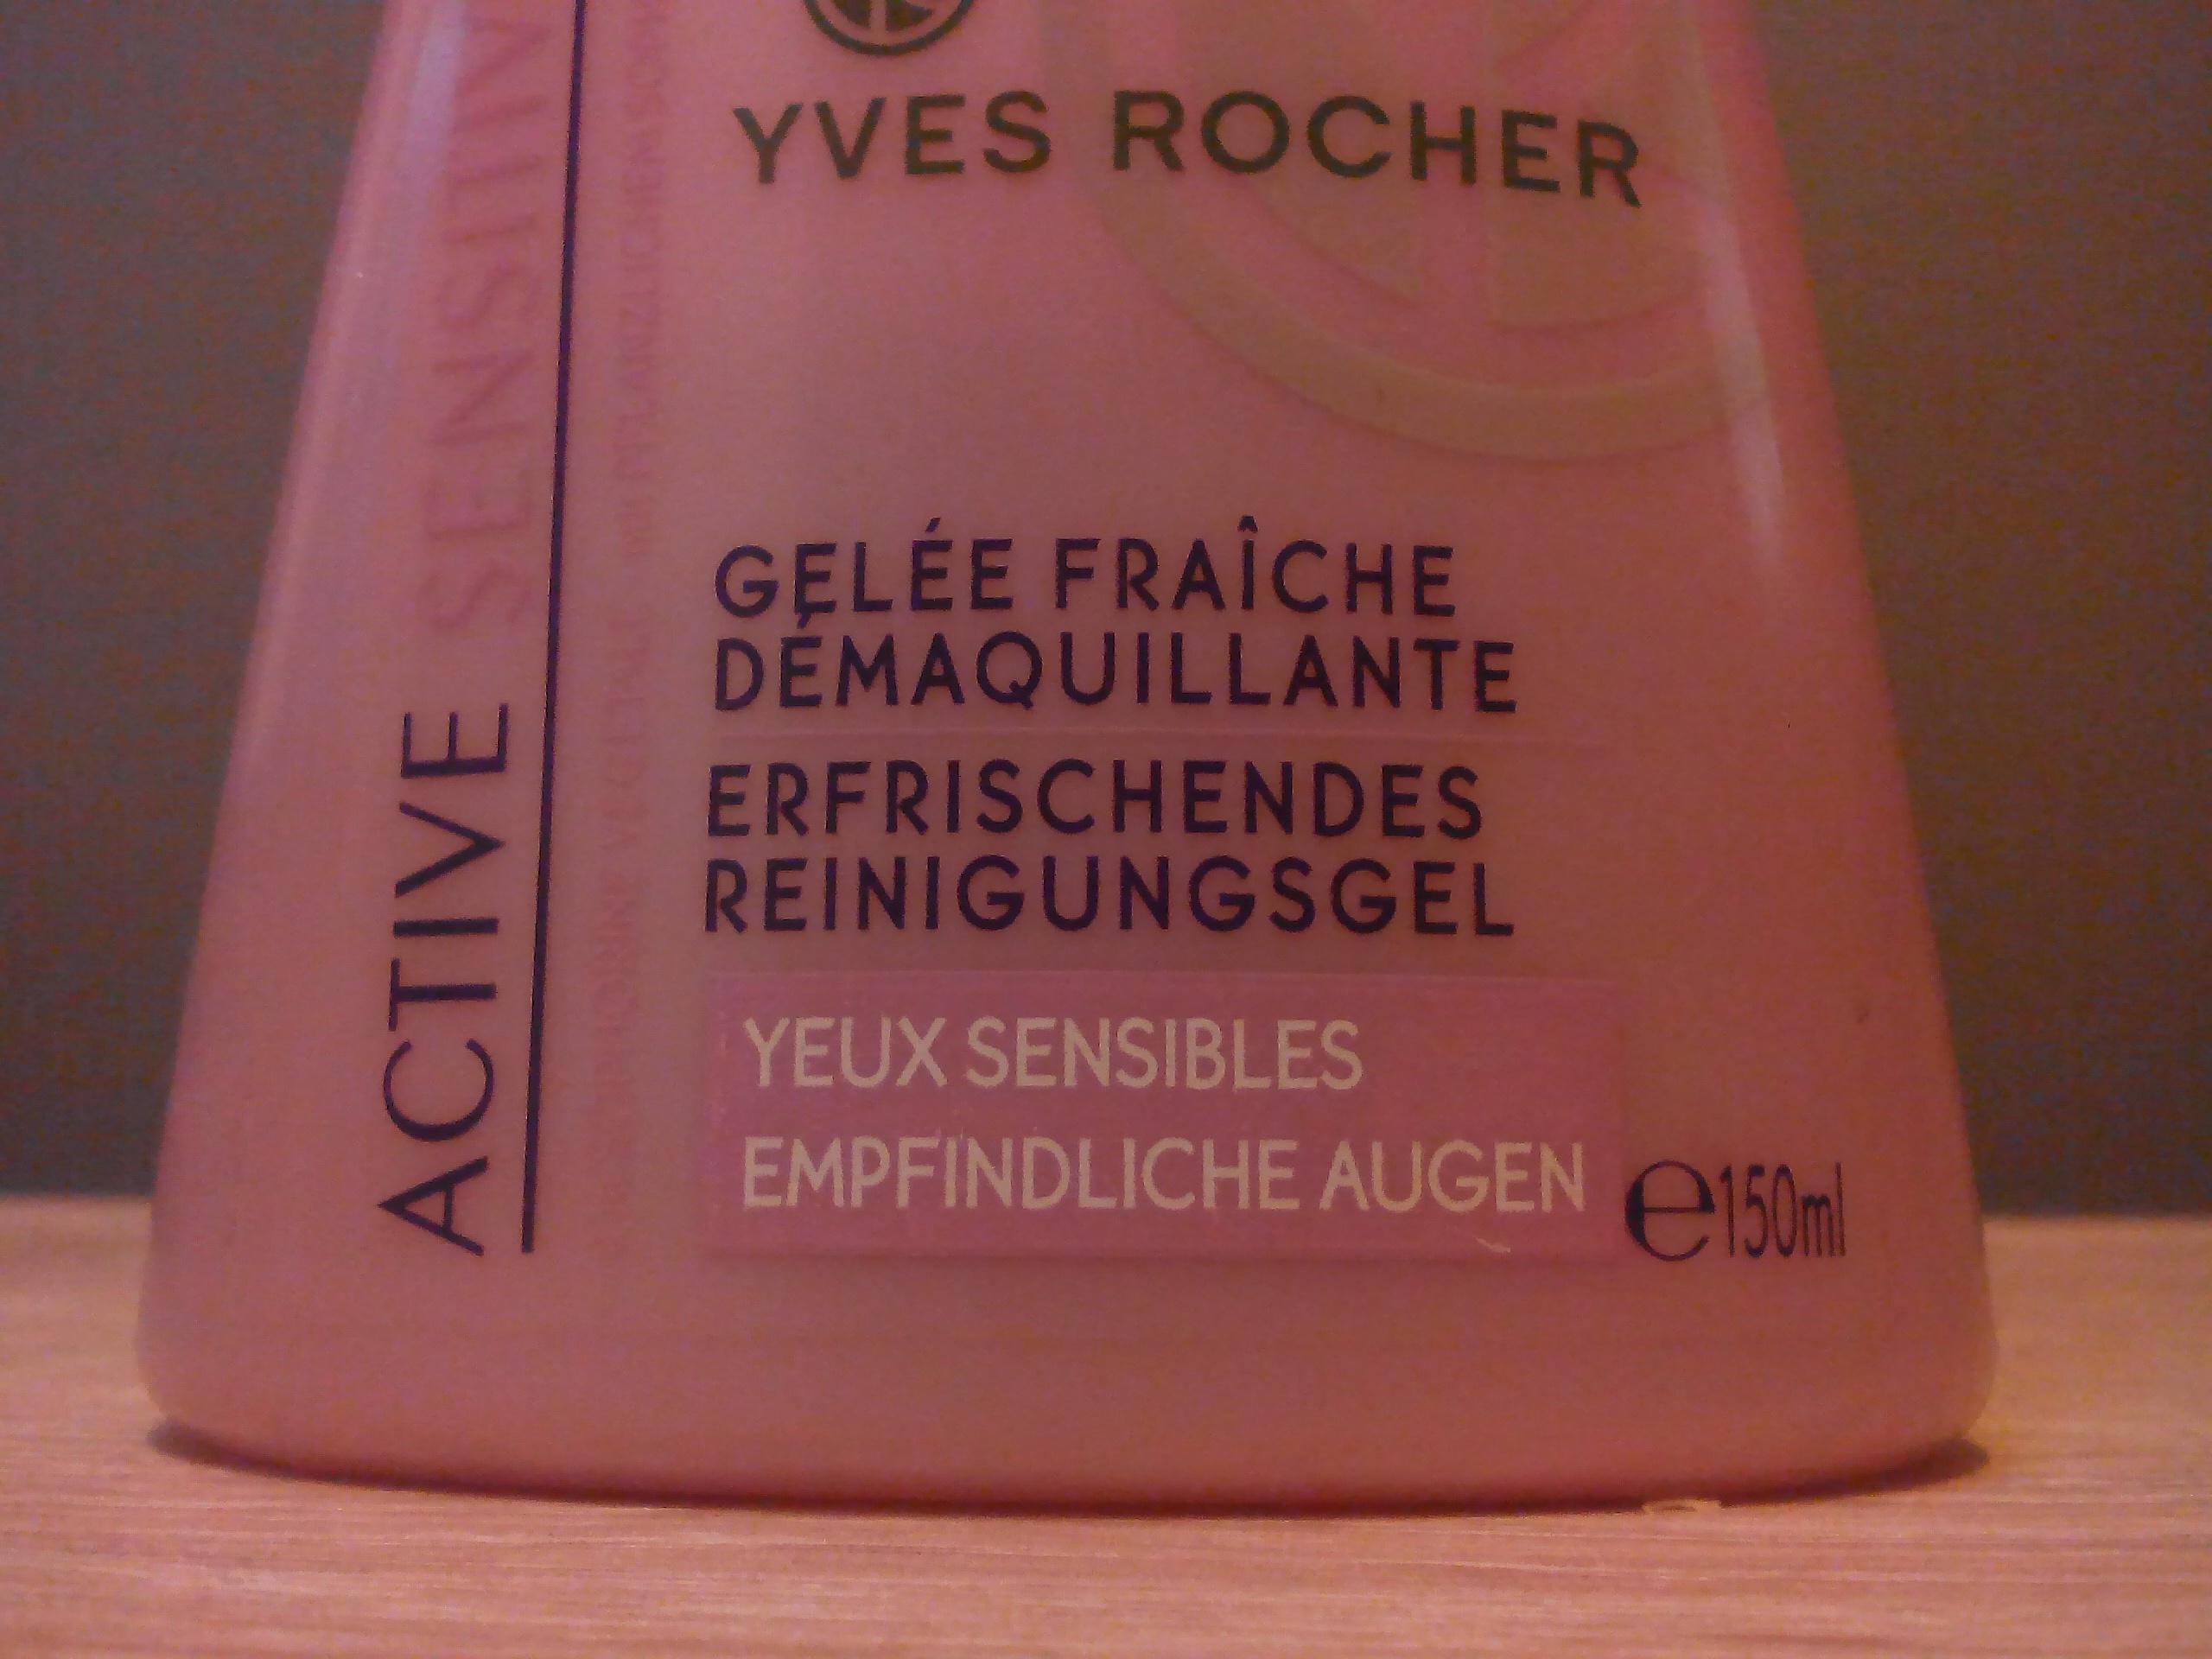 IMG_20141018_134830.jpg de Gelée Fraîche Démaquillante Yeux Sensibles - Bio-spécific Active Sensitiv de Yves Rocher